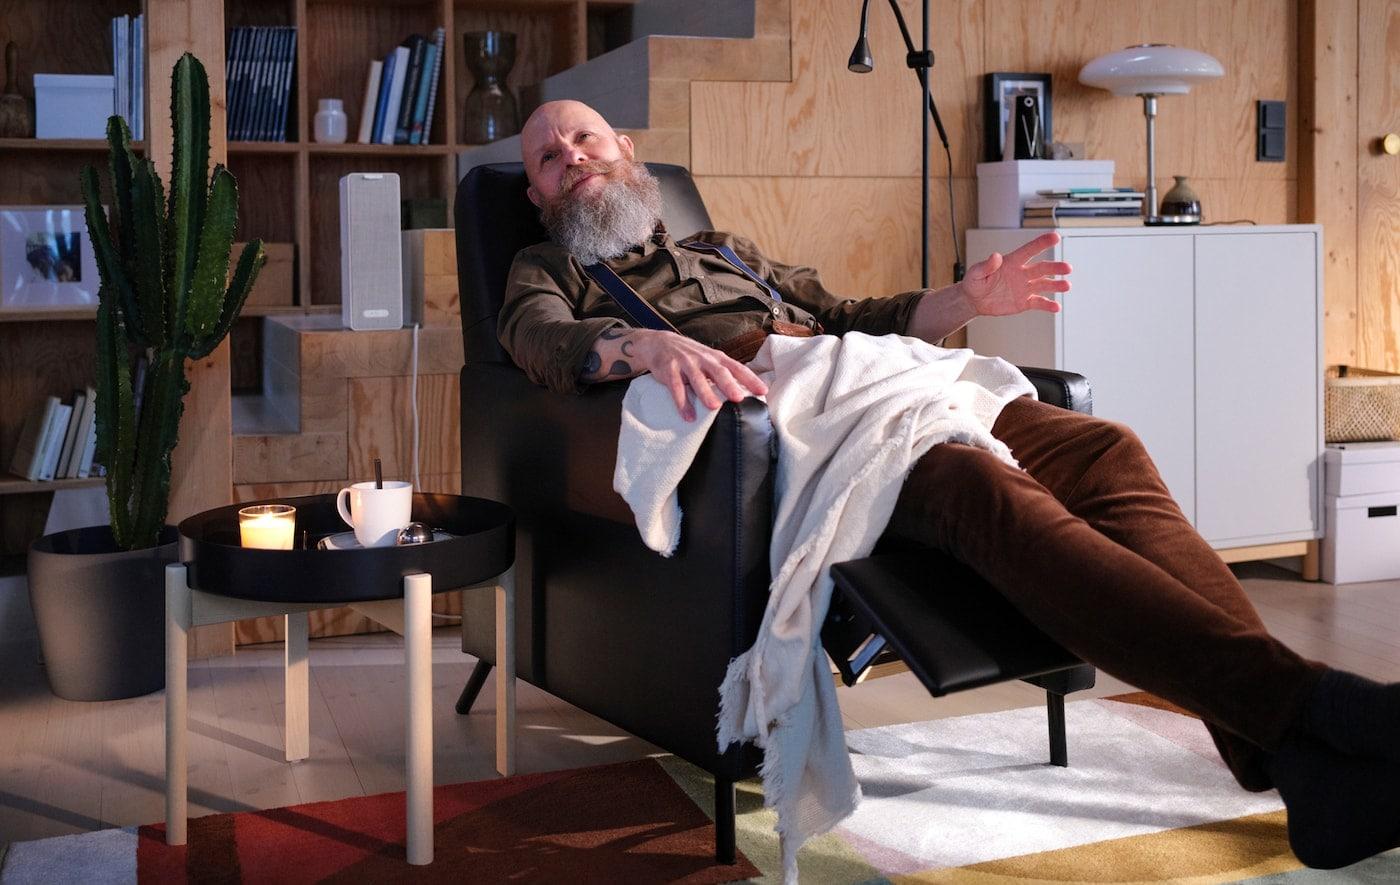 Muže je přikrytý přikrývkou a leží na křesílku GISTAD a poslouchá hudbu linoucí se z bílé lampy/wifi reproduktoru SYMFONISK